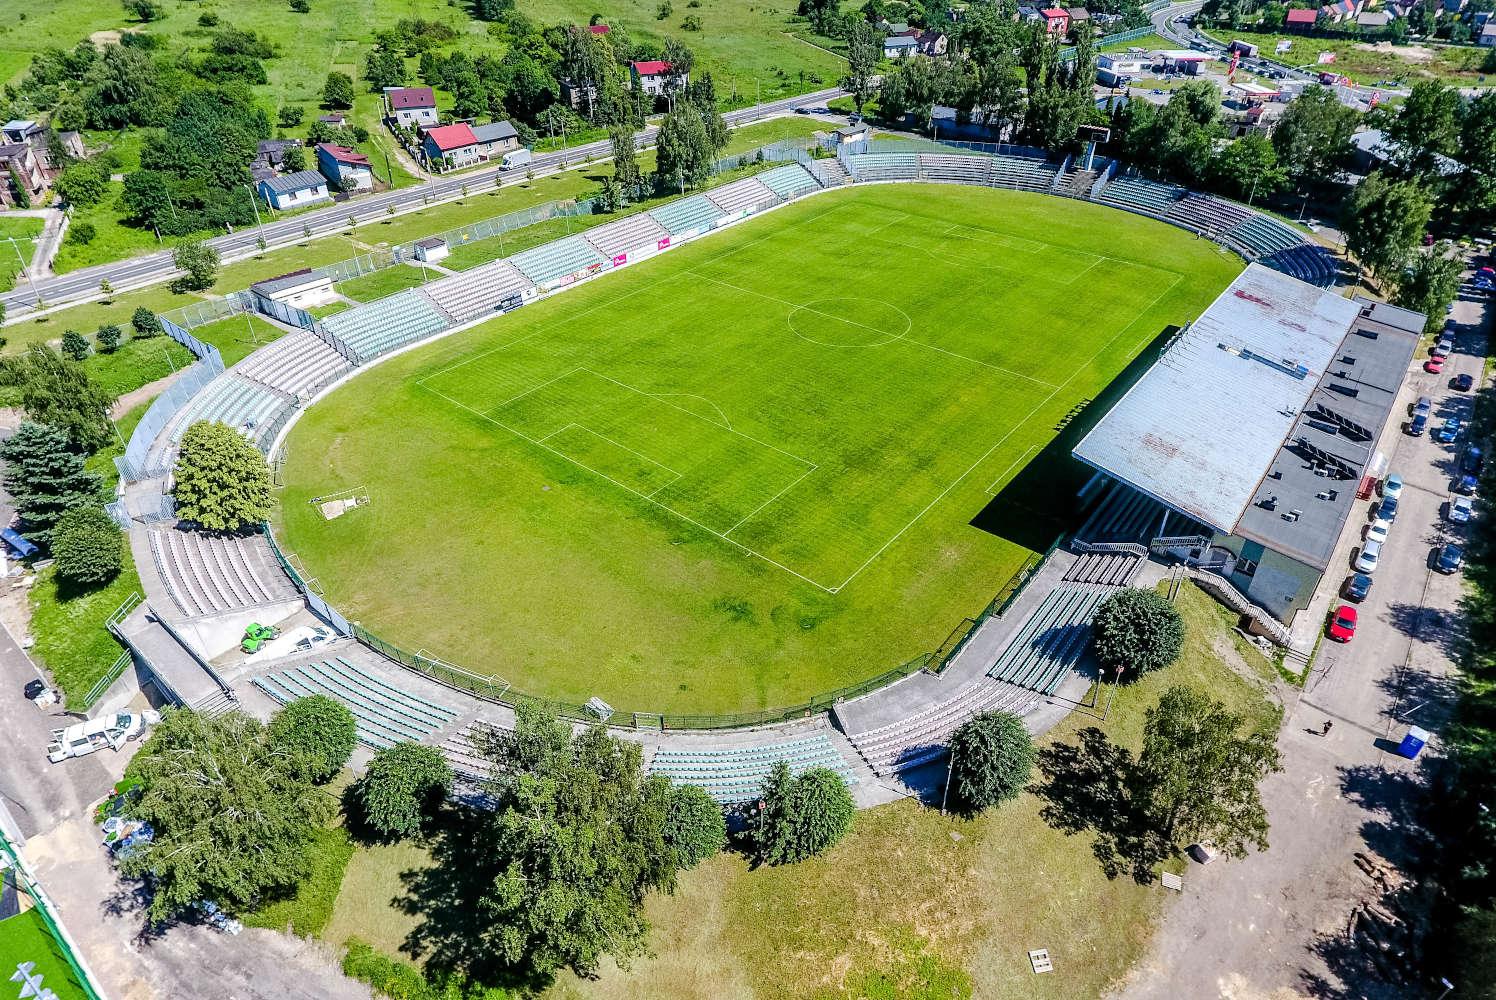 stadion-sportowy